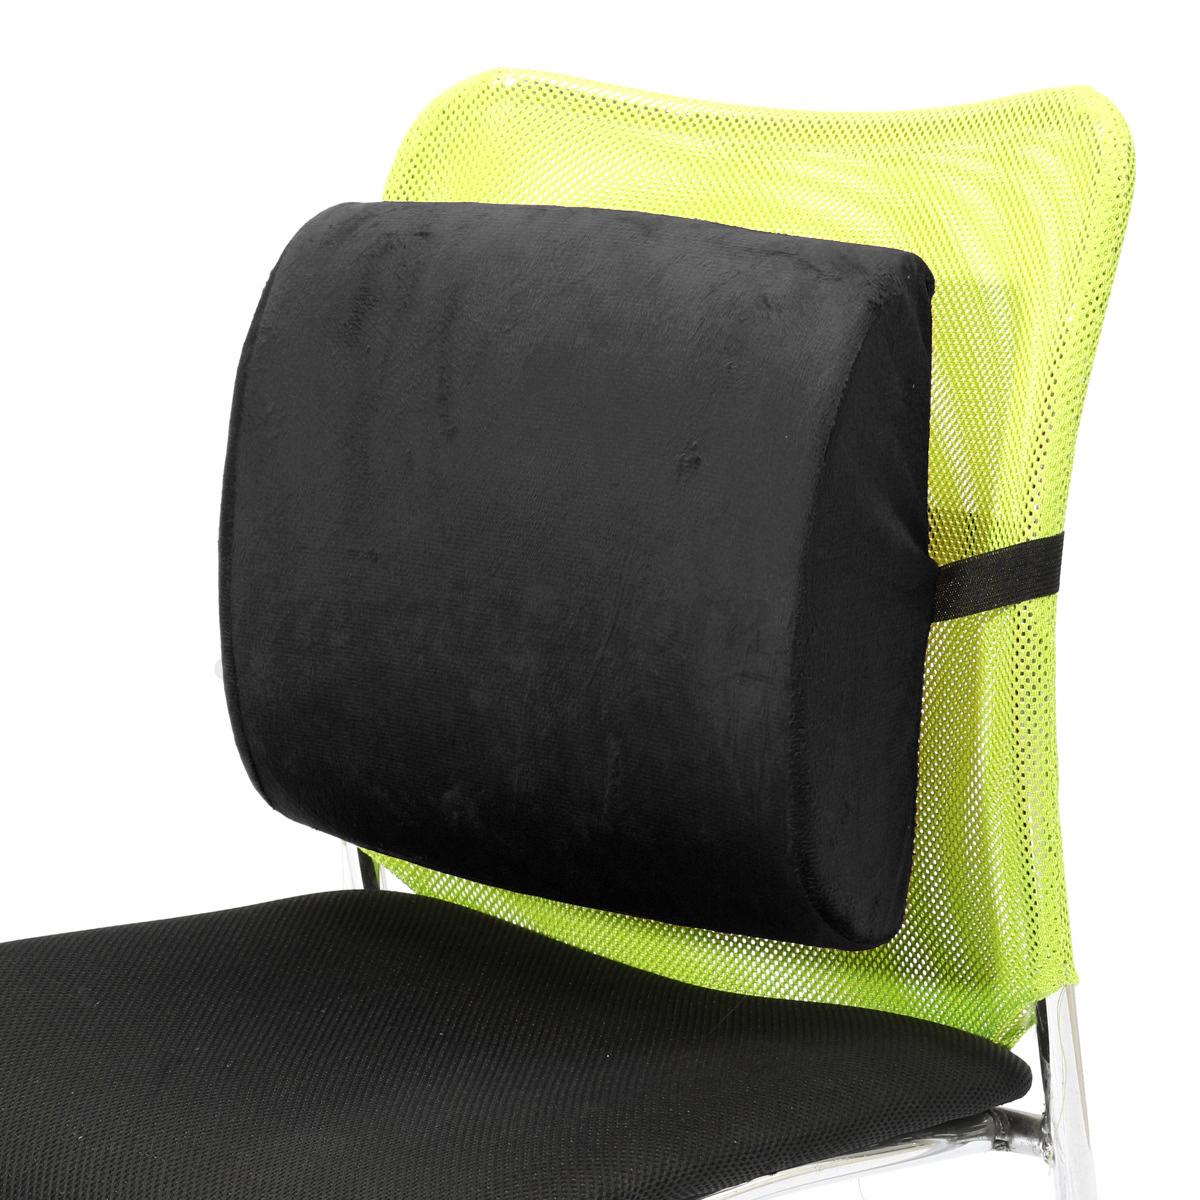 Memory Foam Lumbar Cushion Back Support Chair Waist Pillow